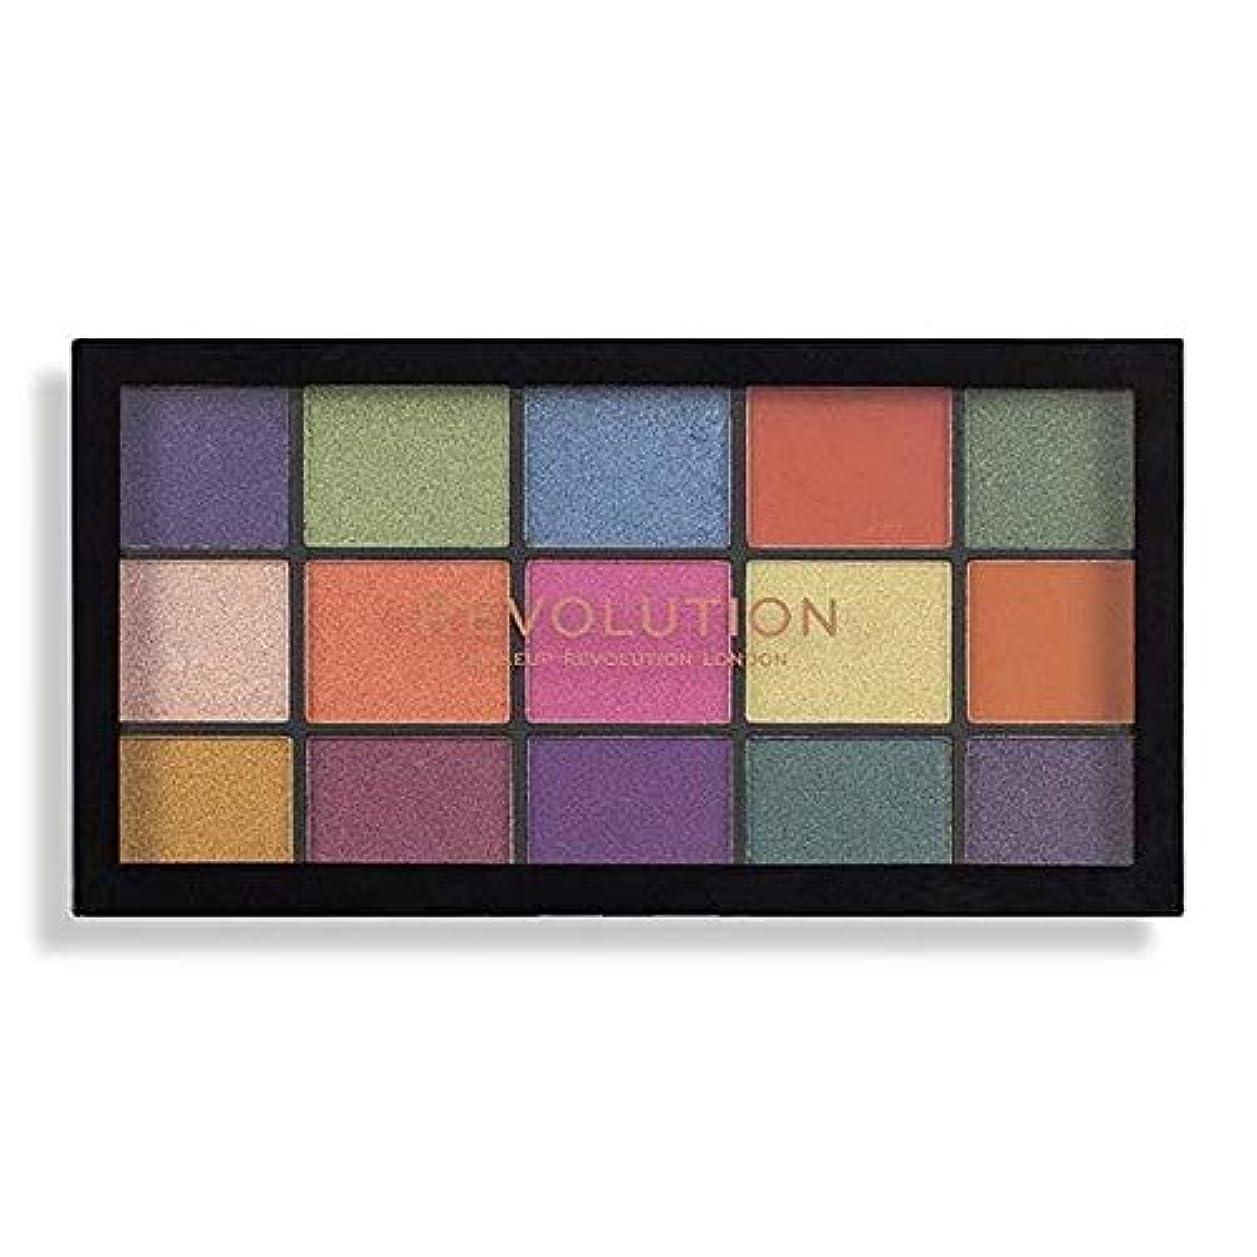 凍るうめき建設[Revolution ] 色のアイシャドウパレットのための革命の再ロードの情熱 - Revolution Re-Loaded Passion for Colour Eye Shadow Palette [並行輸入品]